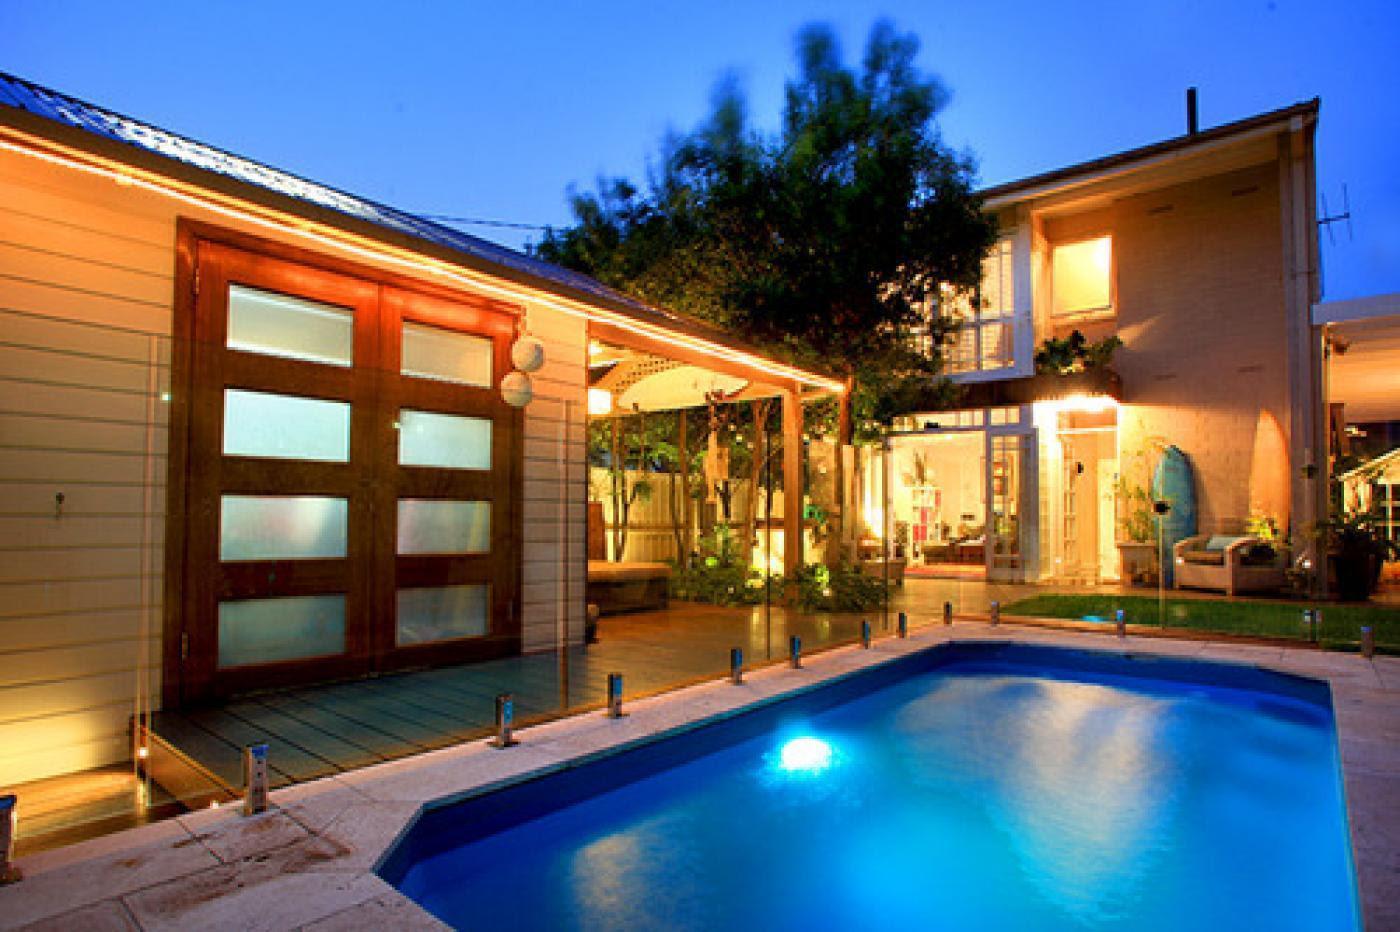 hotel near Sydney Maroubra - Hargraves Place